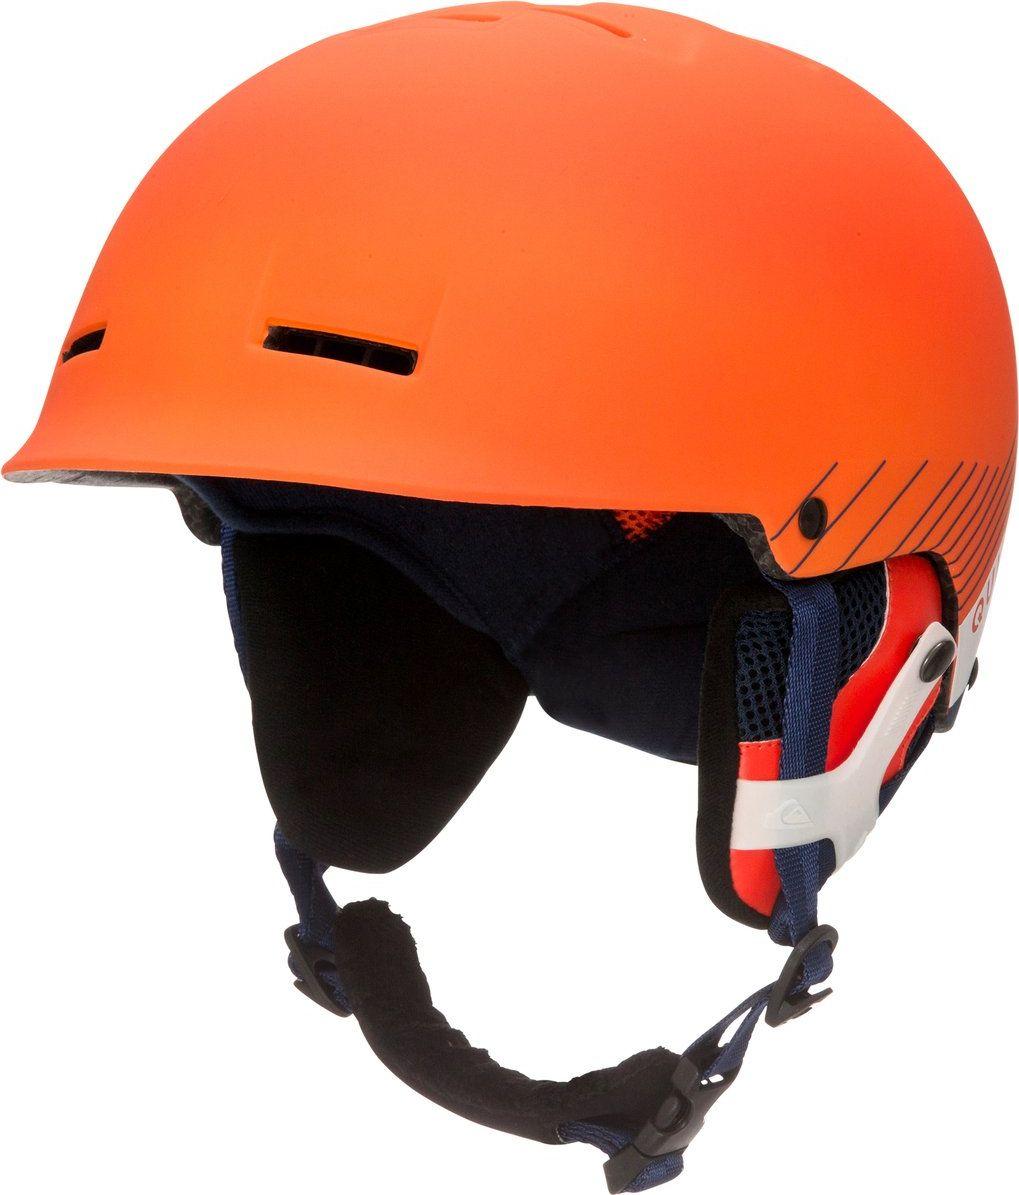 Сноубордический шлем Quiksilver Fusion, цвет: оранжевый. Размер 56/58EQYTL03019-NMS0Основной материал шлема Quiksilver Fusion: двойной микрошелл + сверхлегкая литая конструкция.Безопасность: ударопоглощающий пенный полимер EPS.Фронтальная и верхняя вентиляция.Подкладка из сетки и флиса.Мягкие термоформованные съемные накладки на уши.Стреп на подбородок: выполнен из мягкой шерпыВес: 350 г.Что взять с собой на горнолыжную прогулку: рассказывают эксперты. Статья OZON Гид